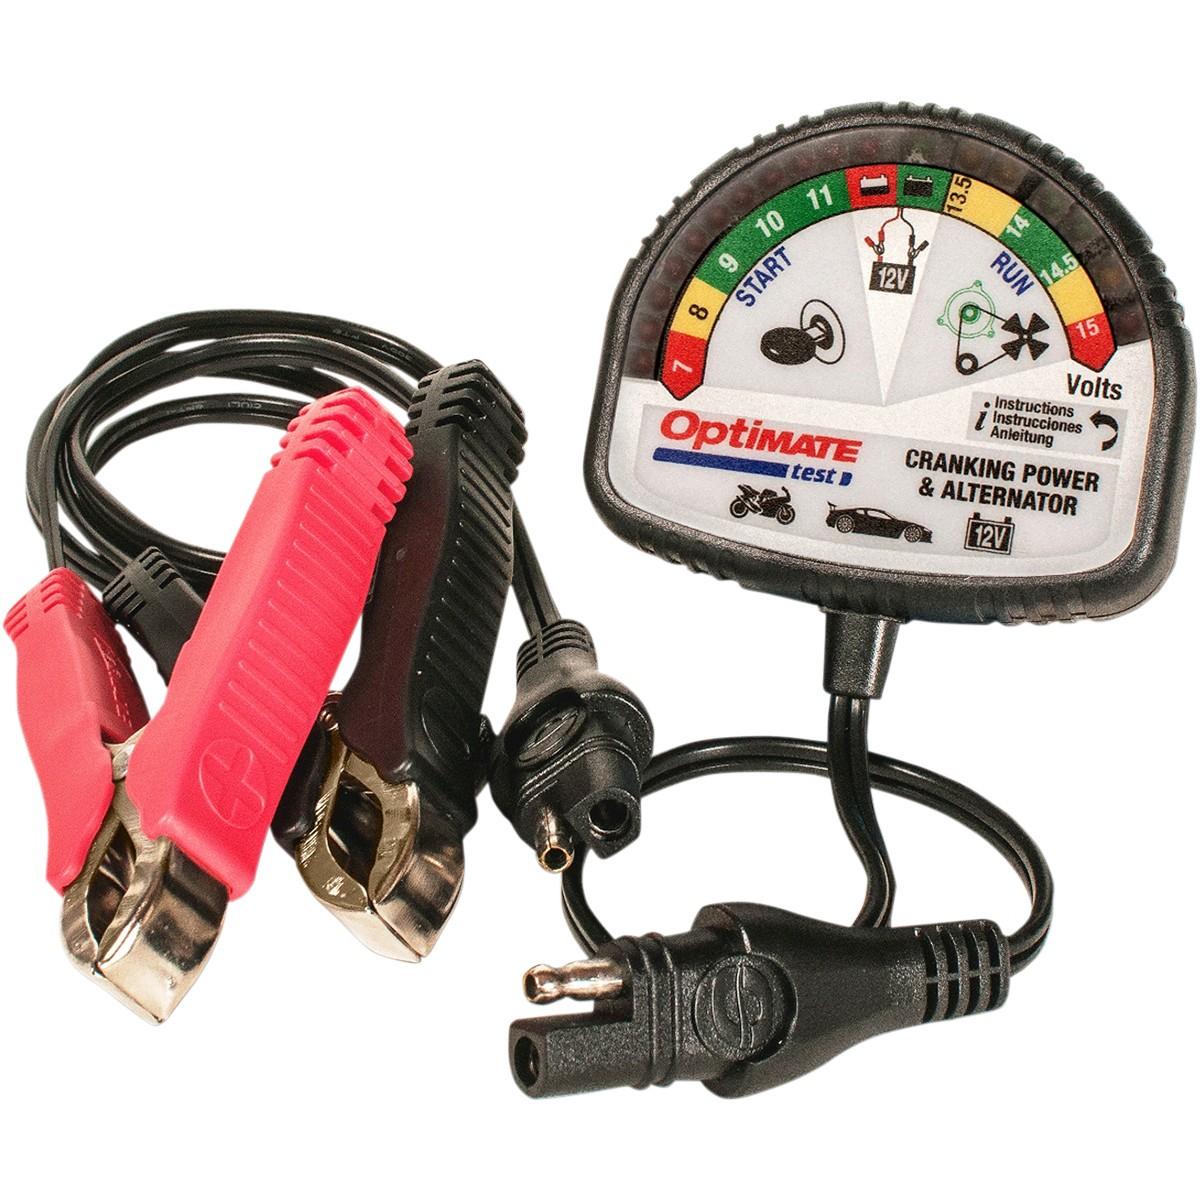 Тестер аккумуляторных батарей OptiMate Test. TS120TS120Простейшее и информативное устройство для проверки работоспособности аккумуляторных батарей и генератора на любом транспортном средстве: автомобилях, мотоциклах, скутерах и т.д.